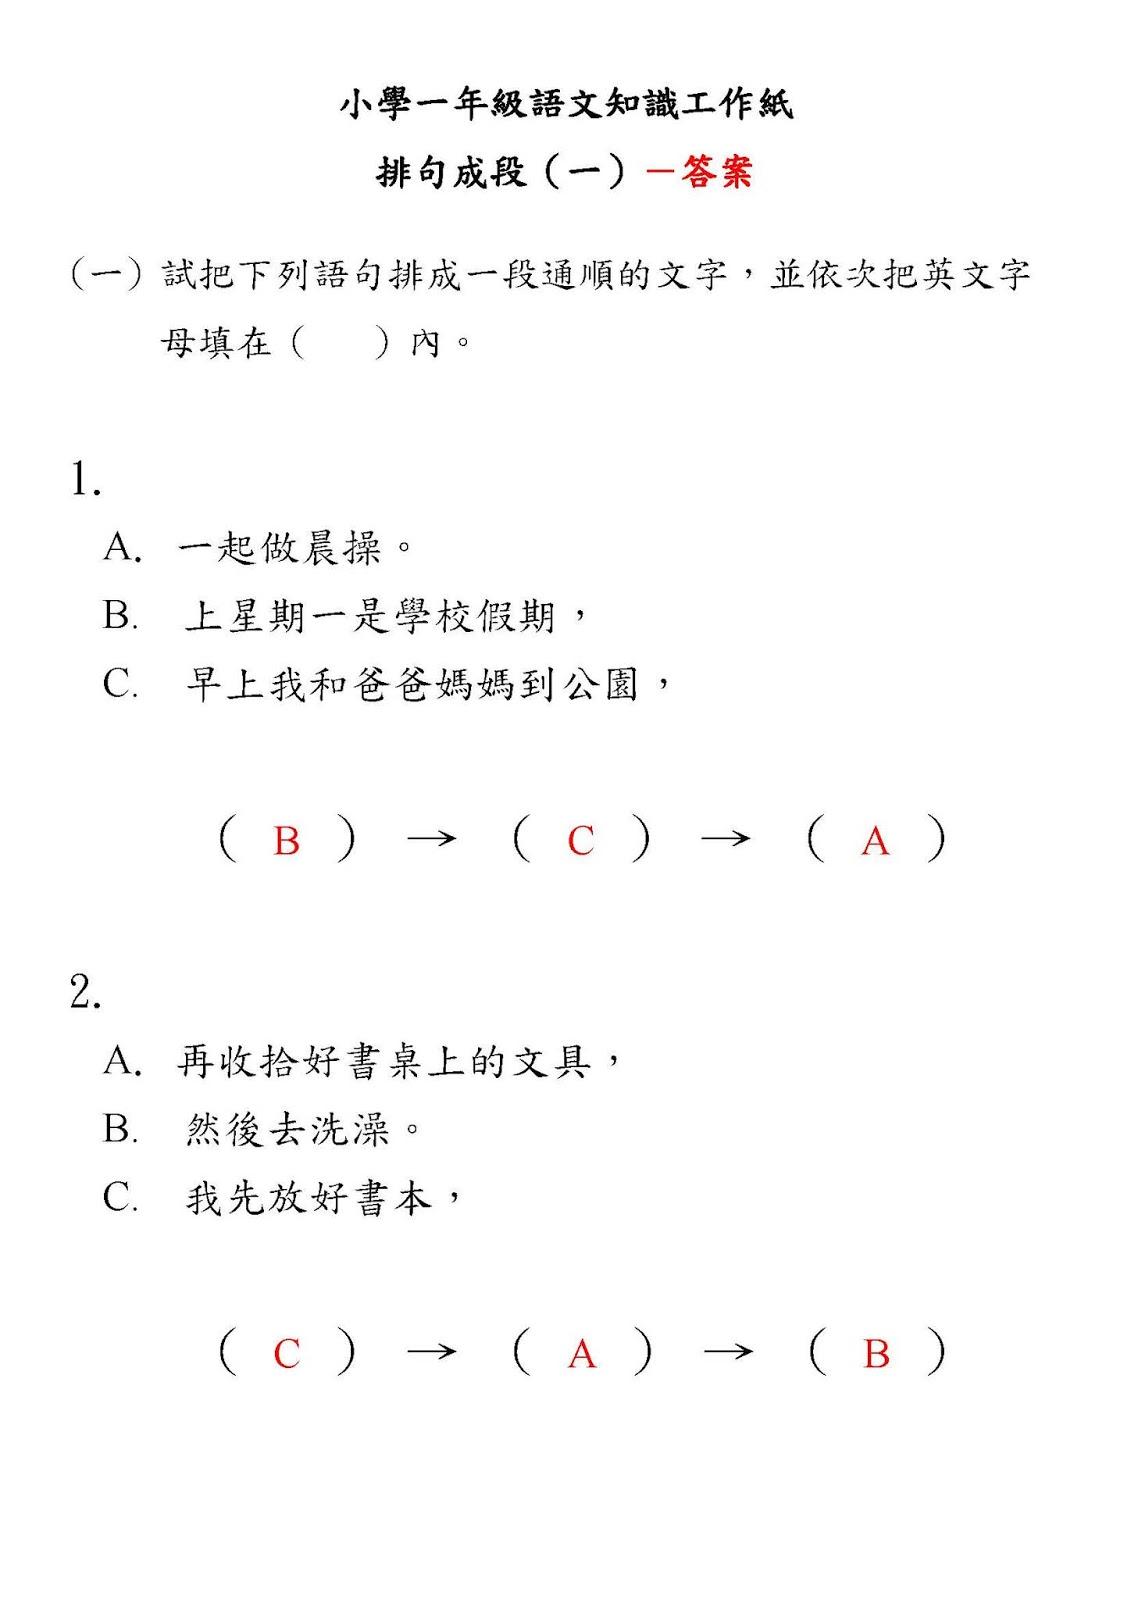 小一語文知識工作紙:排句成段(一)|中文工作紙|尤莉姐姐的反轉學堂